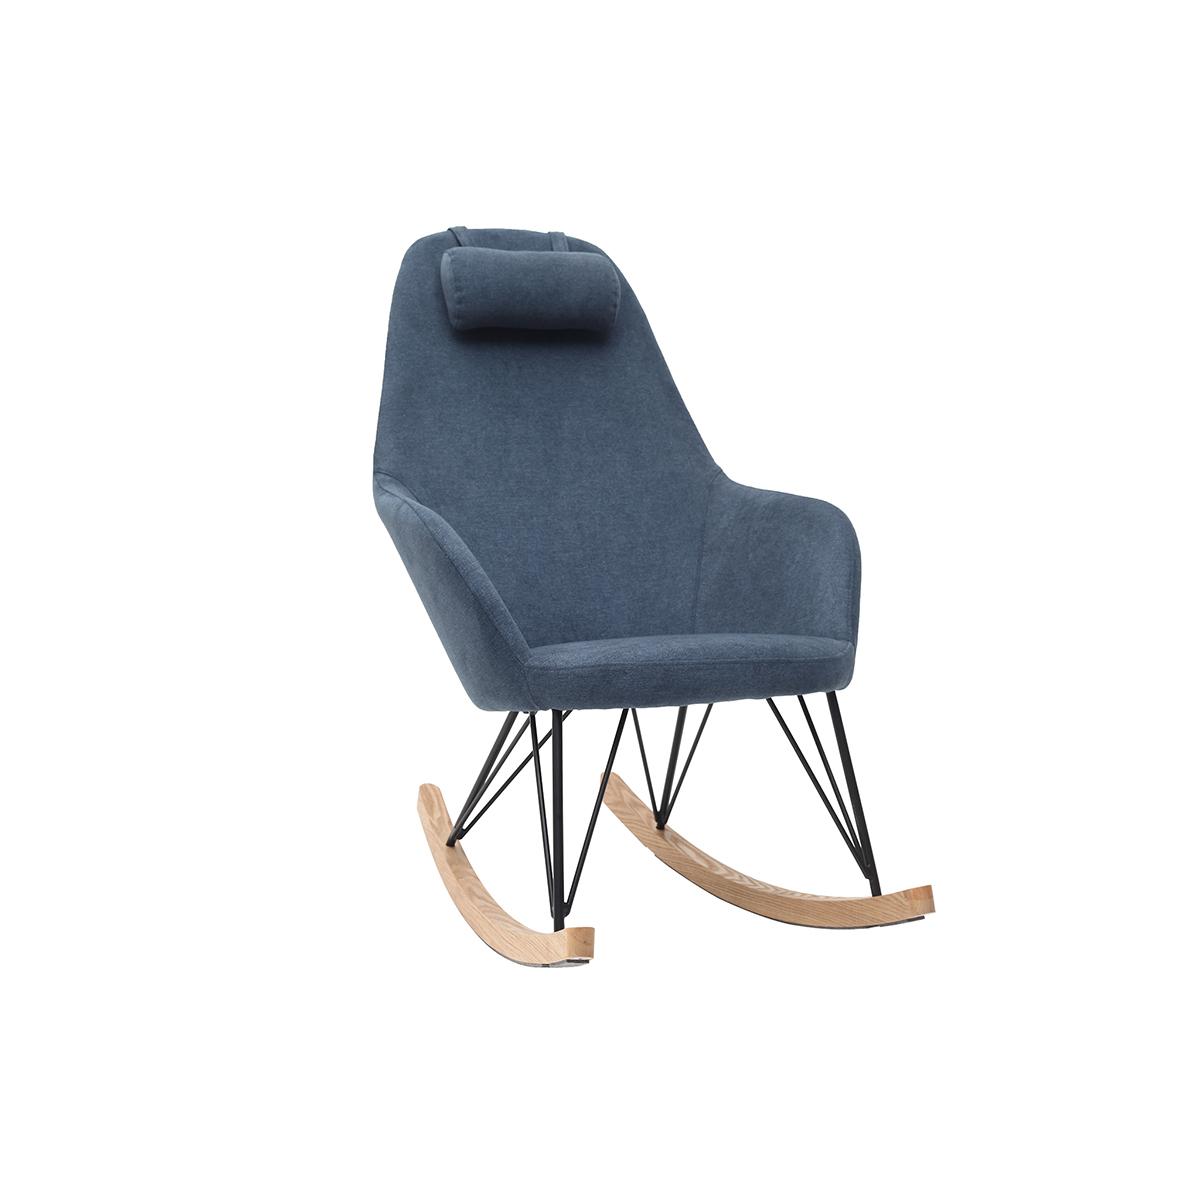 Poltrona a dondolo in tessuto velluto blu piedi in metallo e legno JHENE